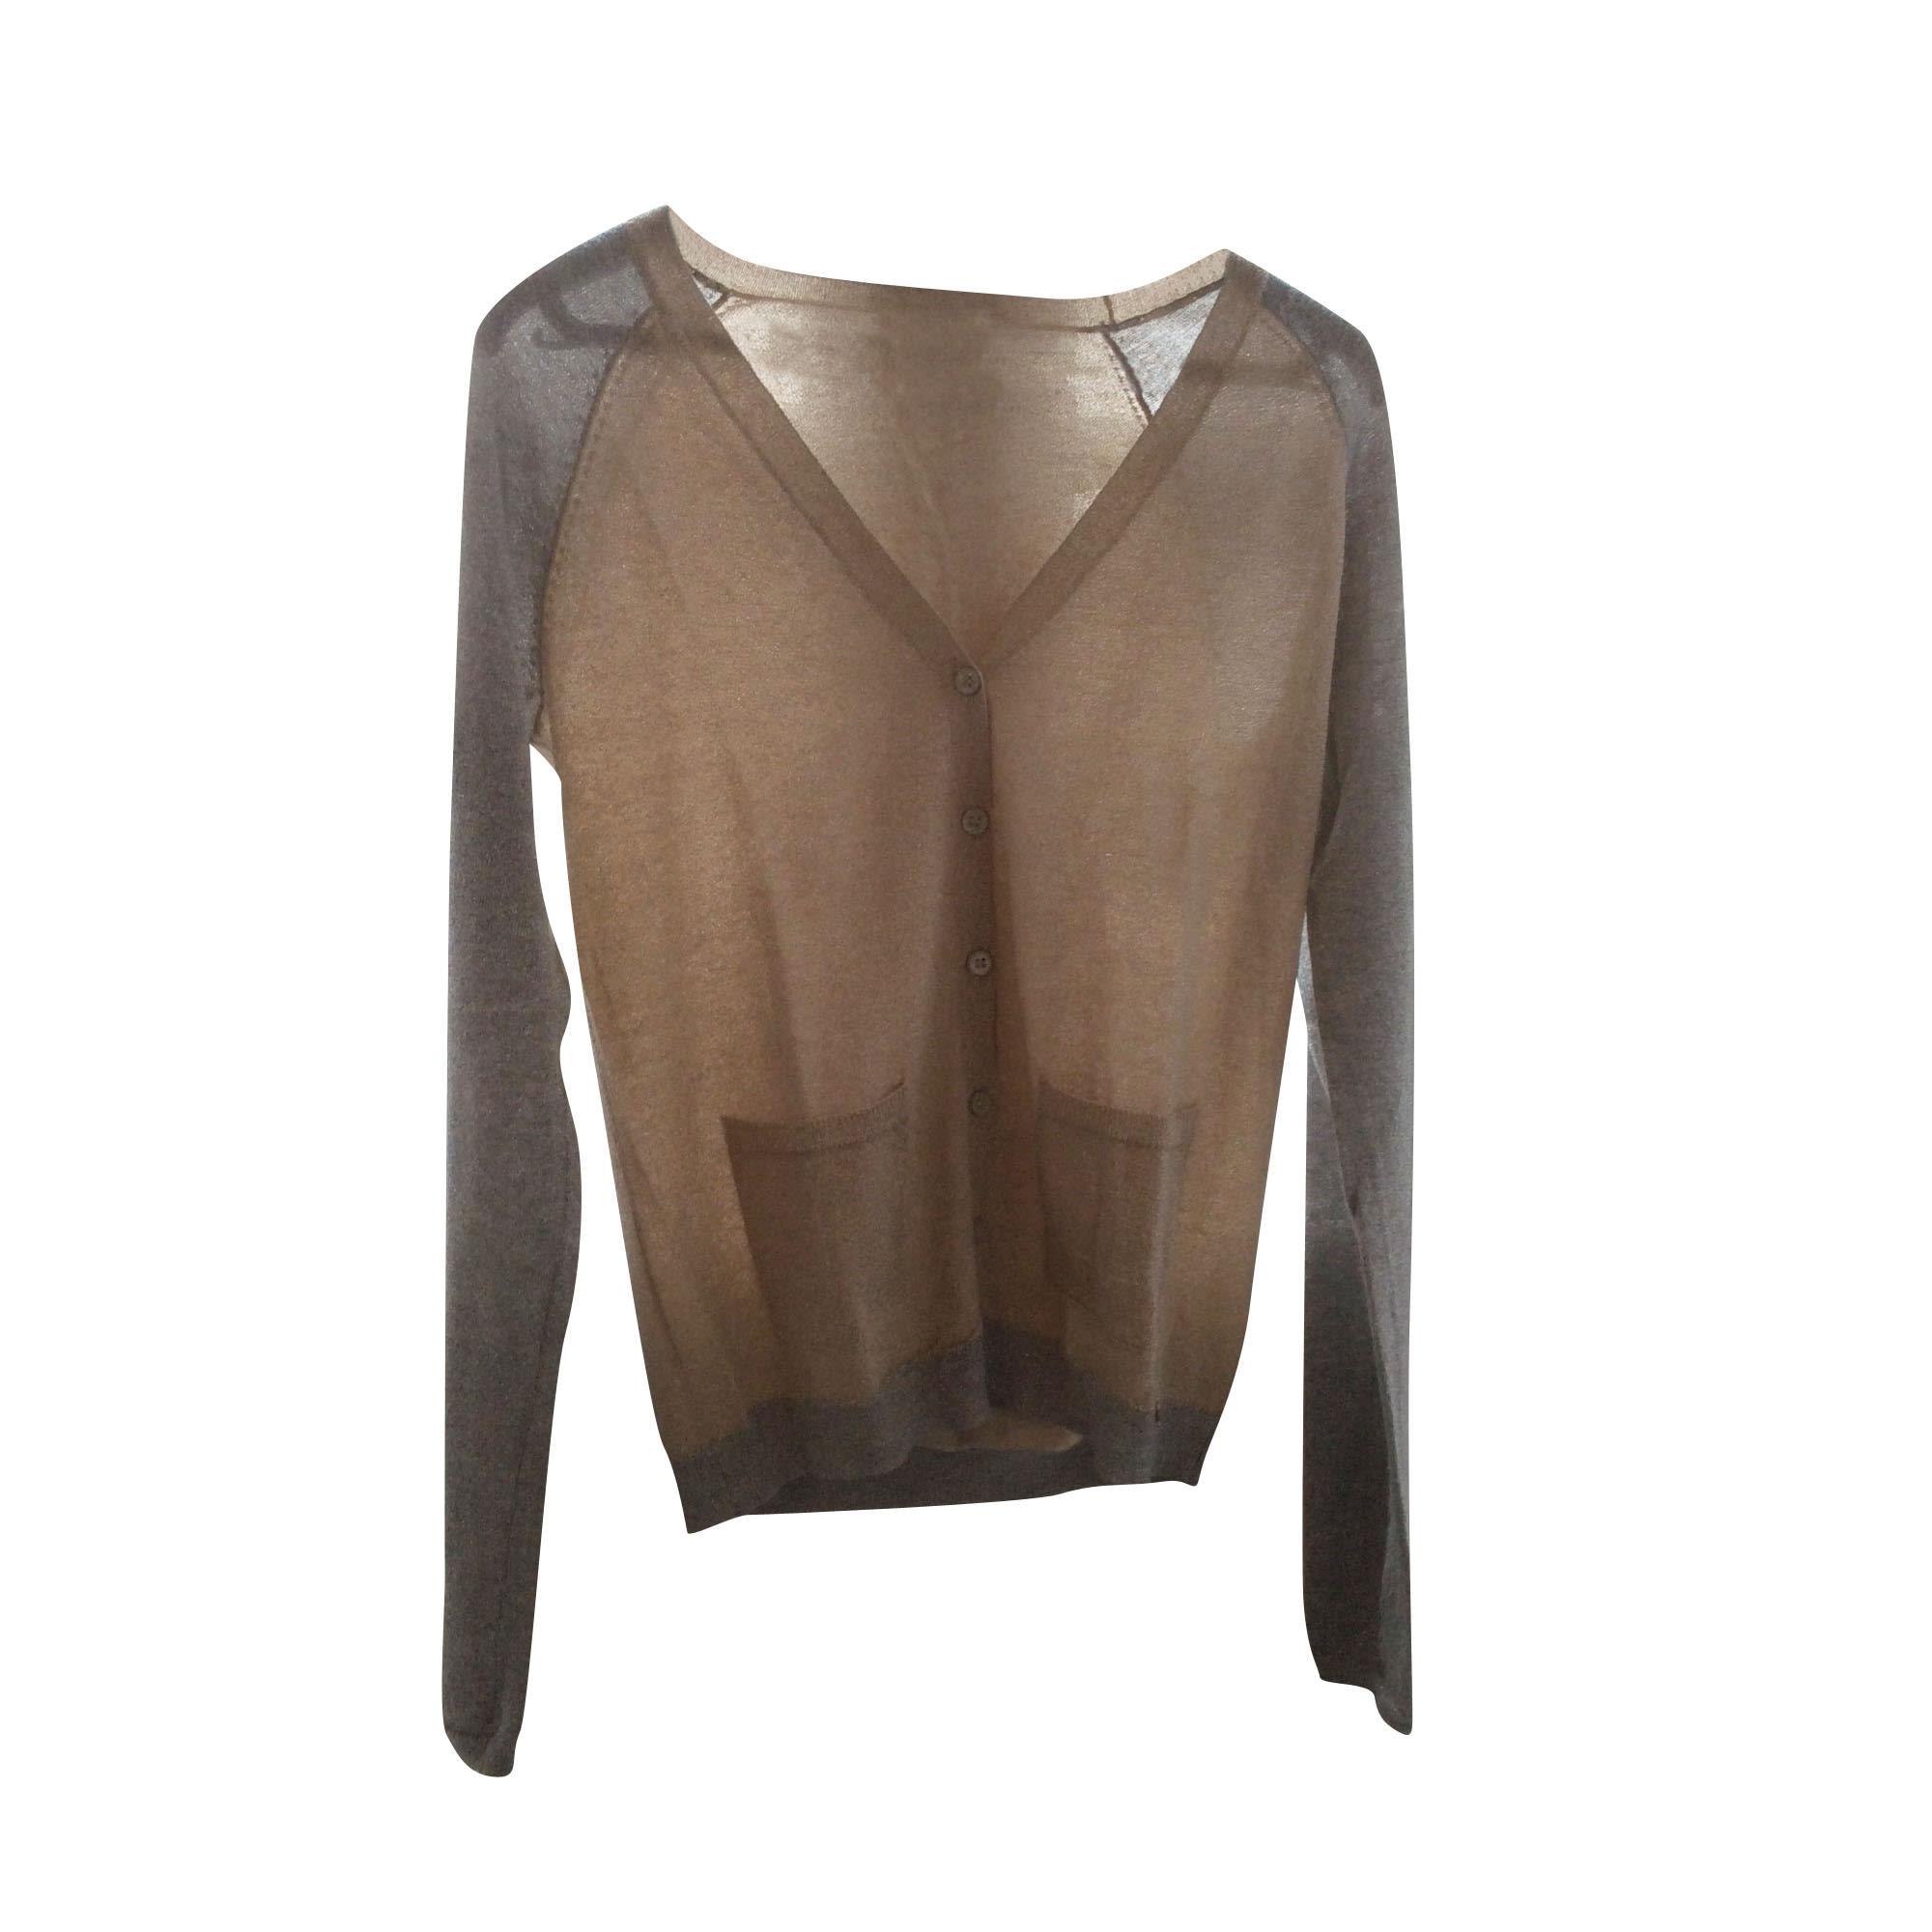 Gilet, cardigan DES PETITS HAUTS Doré, bronze, cuivre